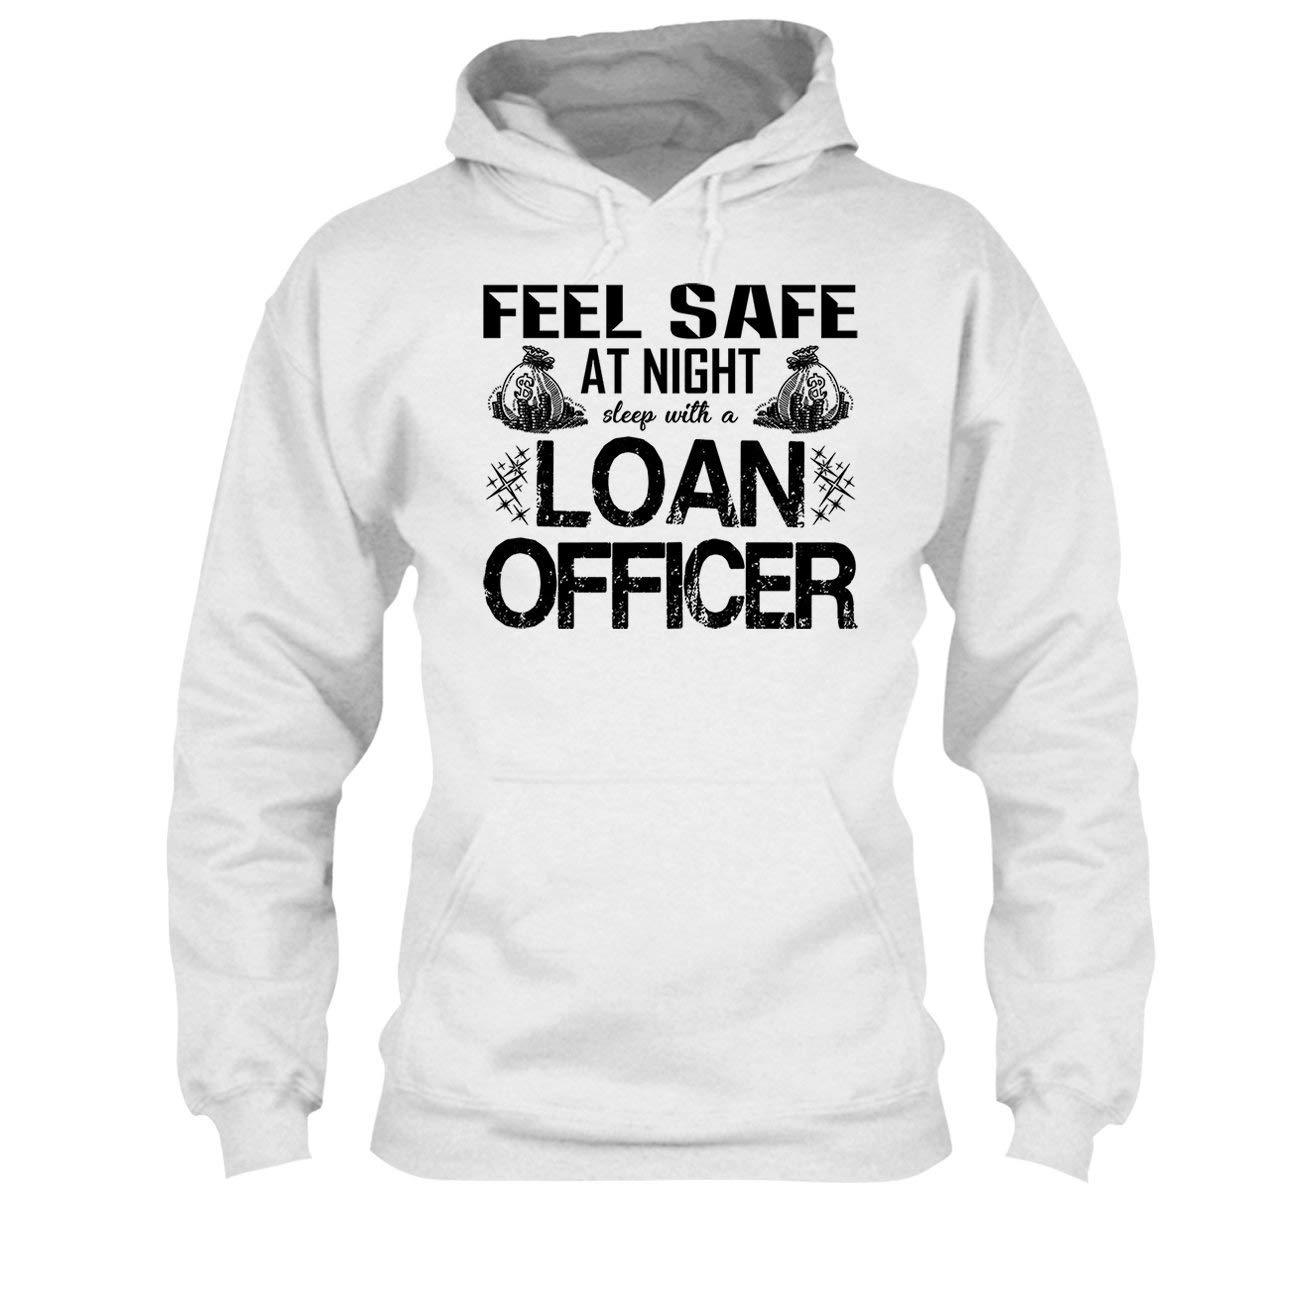 Sweatshirt Design Tee Shirt Sleep with A Loan Officer Tshirt